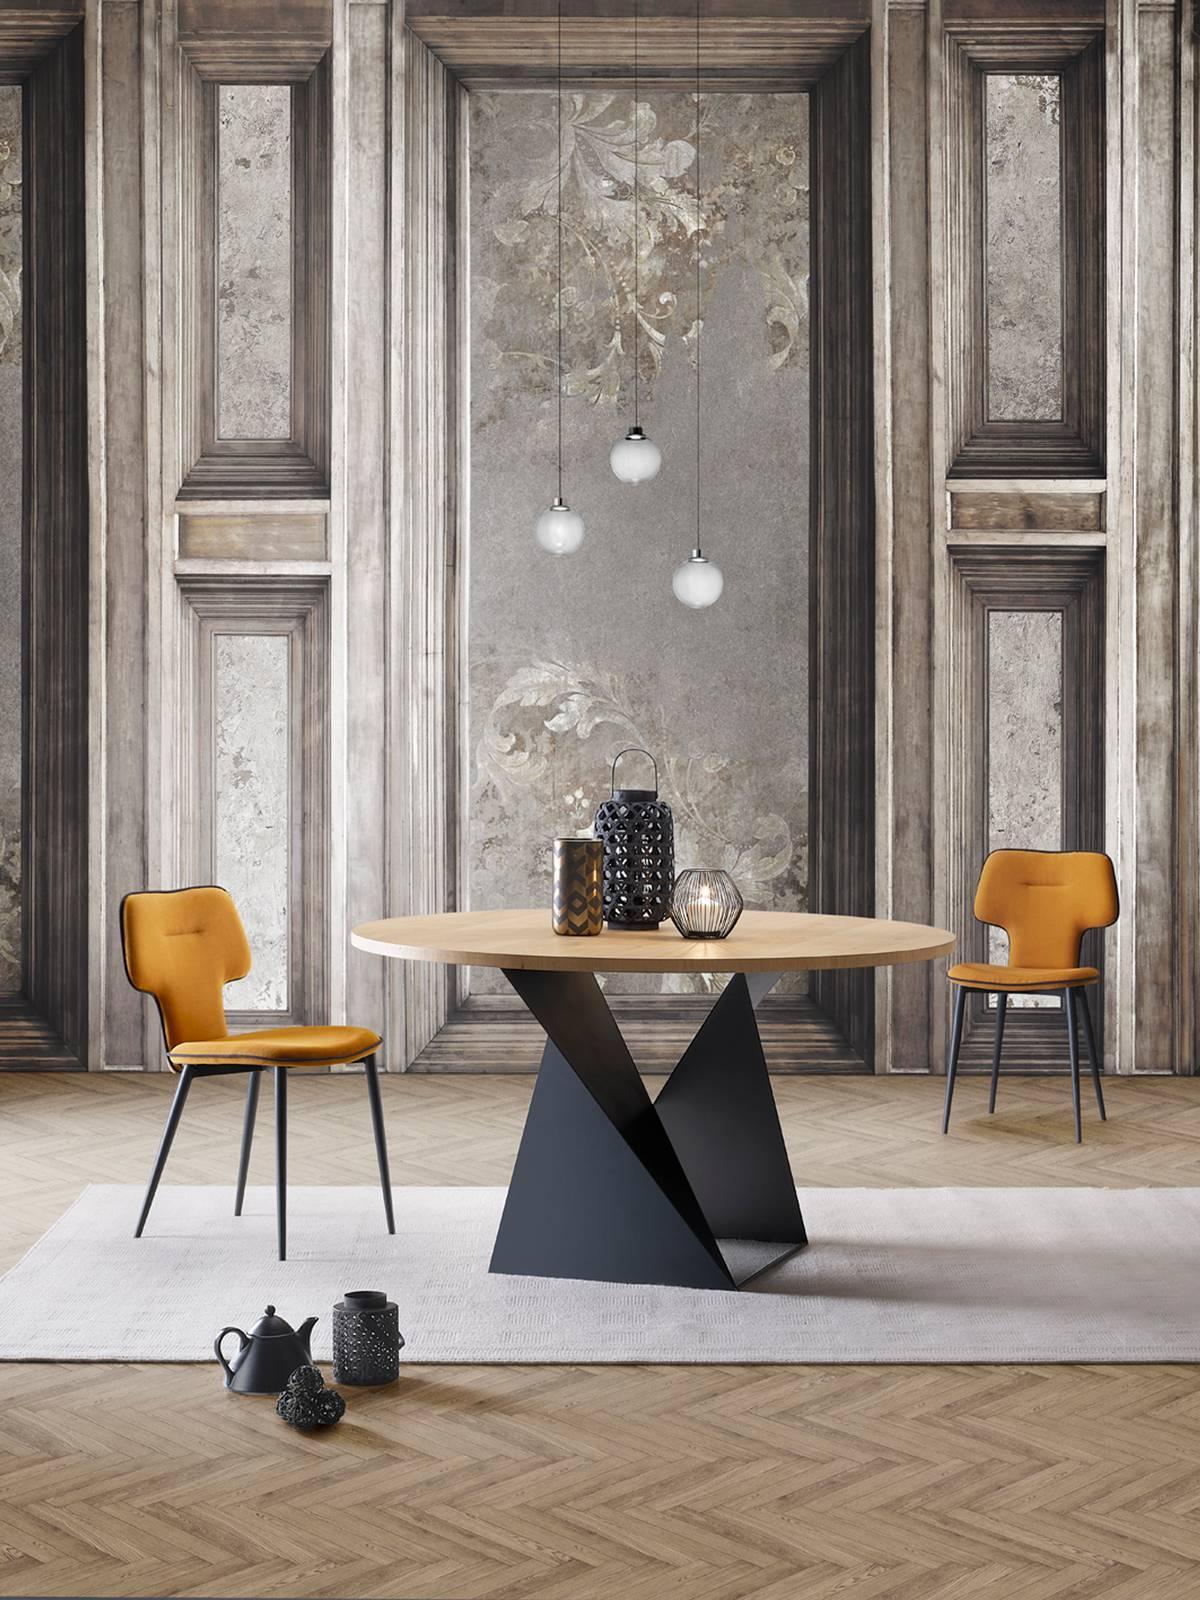 Natisa cube tavolo salone 2018 cose di casa for Tavolo salone